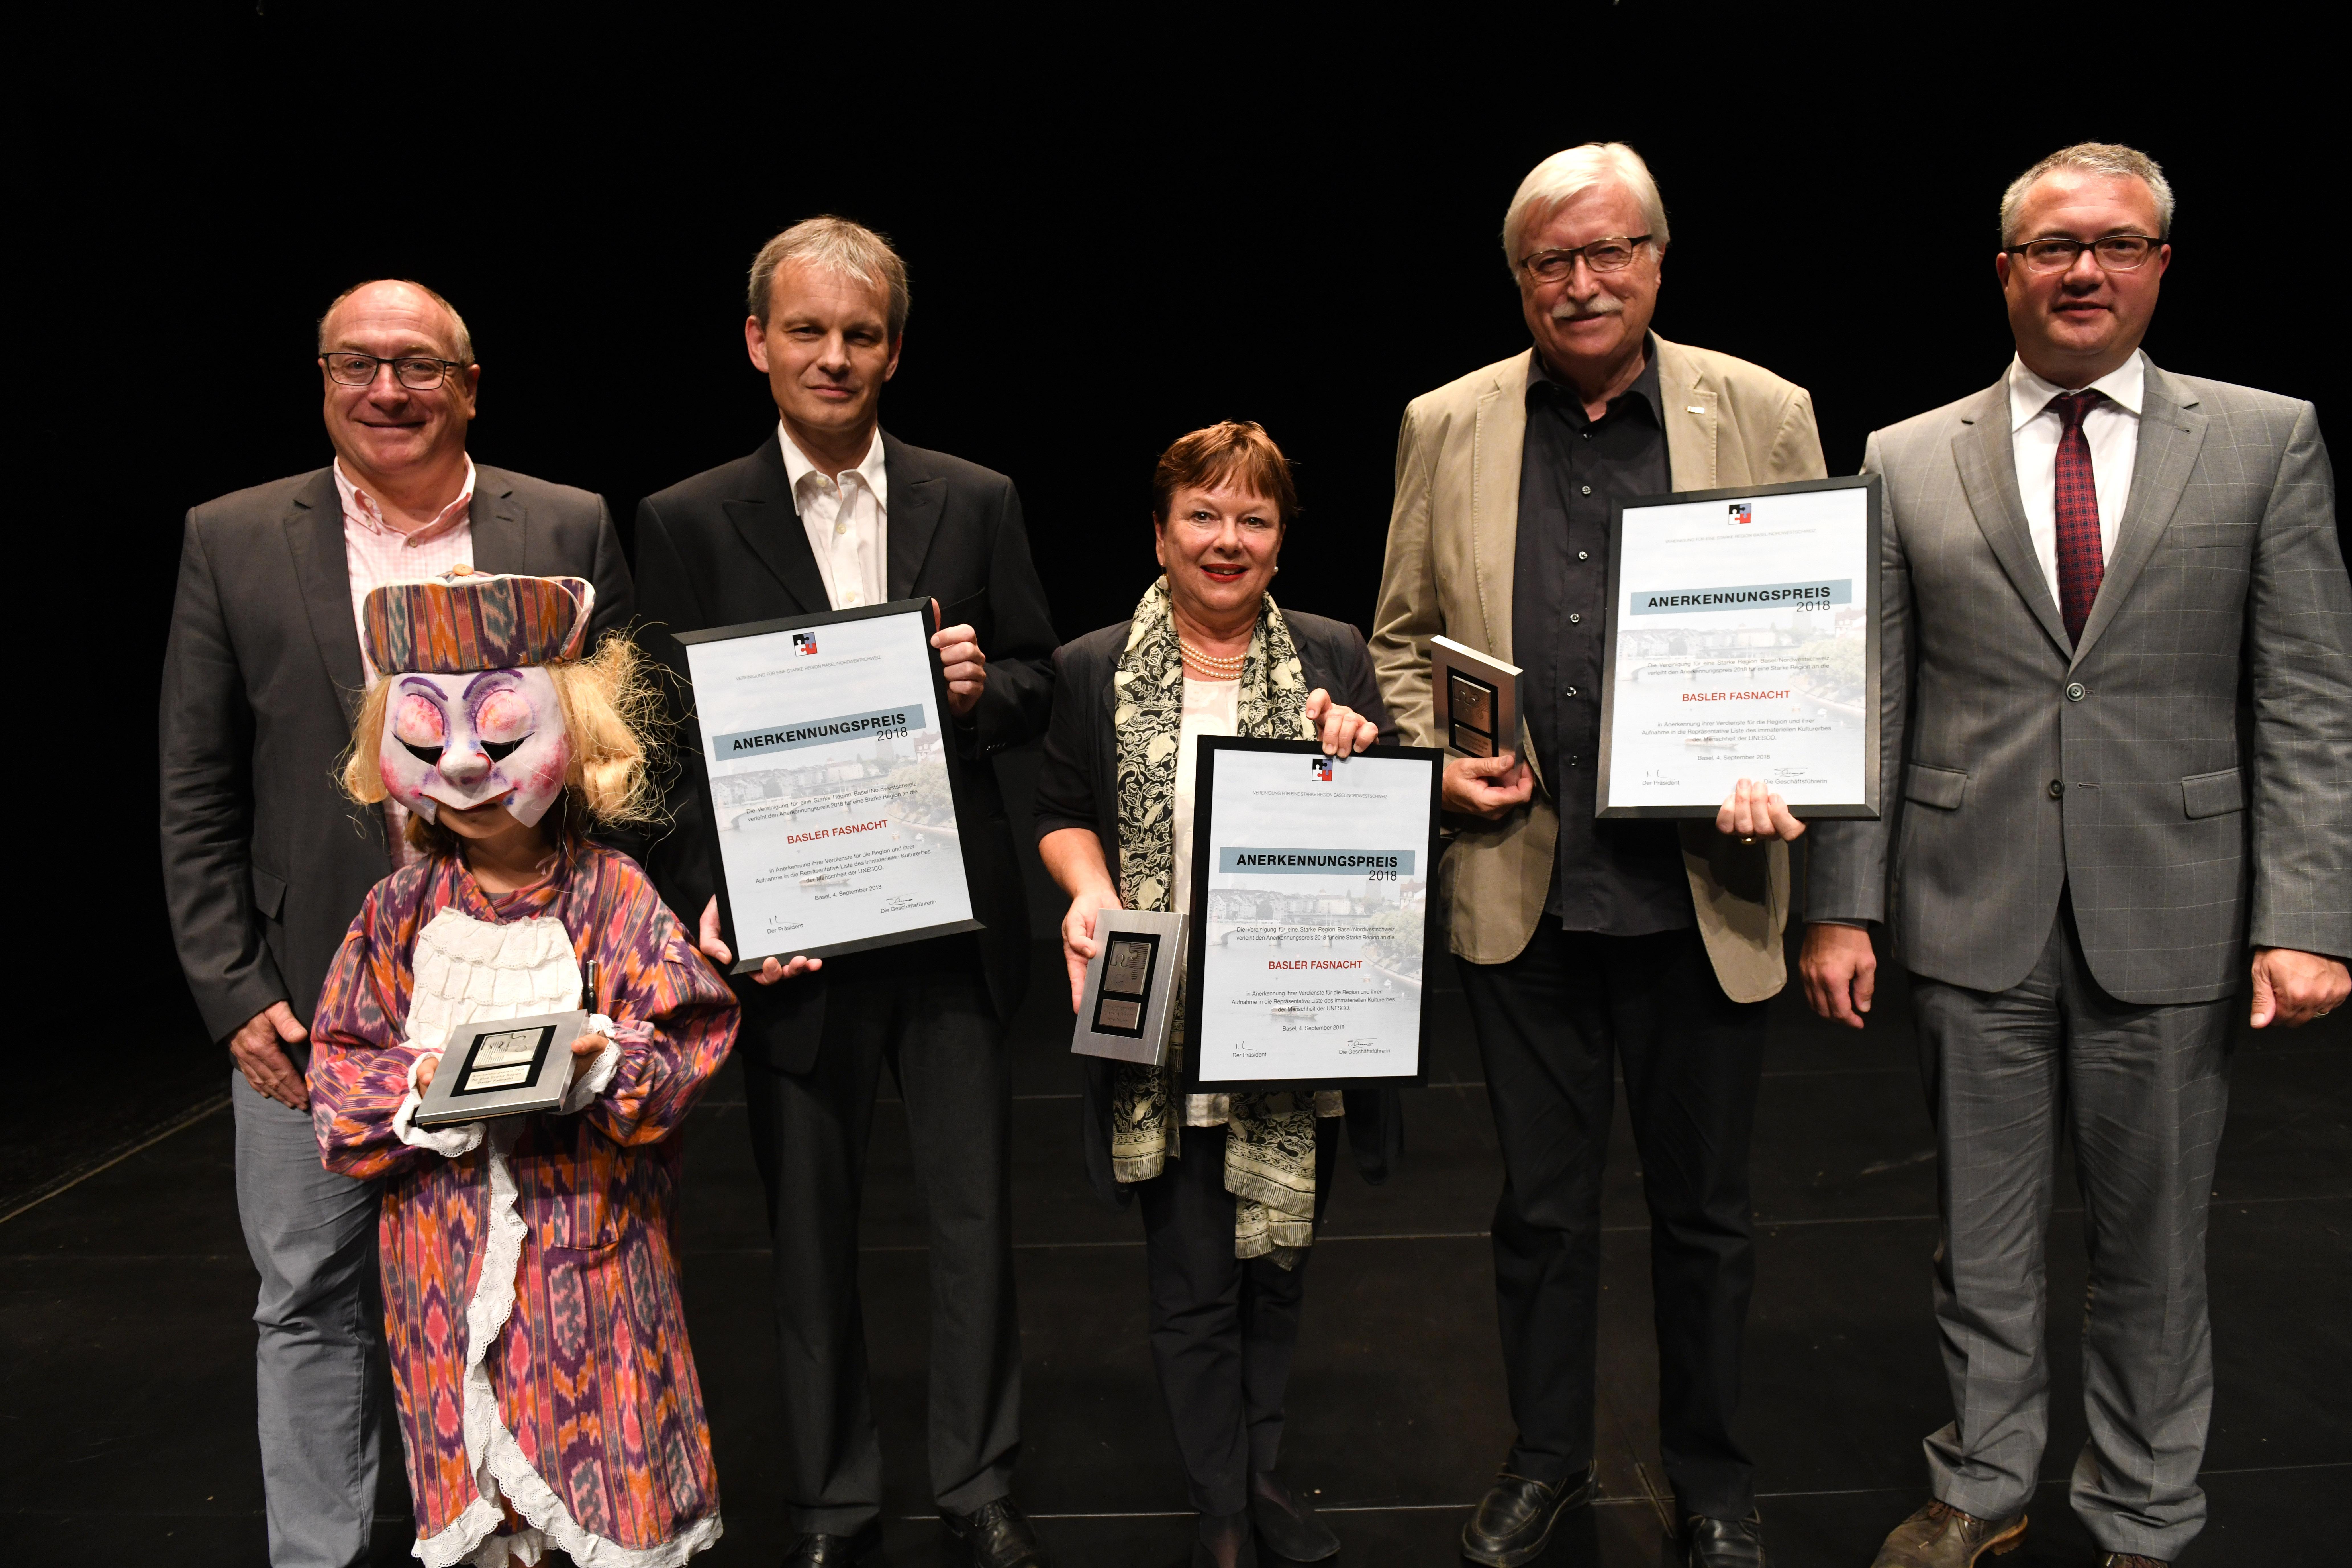 Anerkennungspreis für eine Starke Region 2018 an die Basler Fasnacht